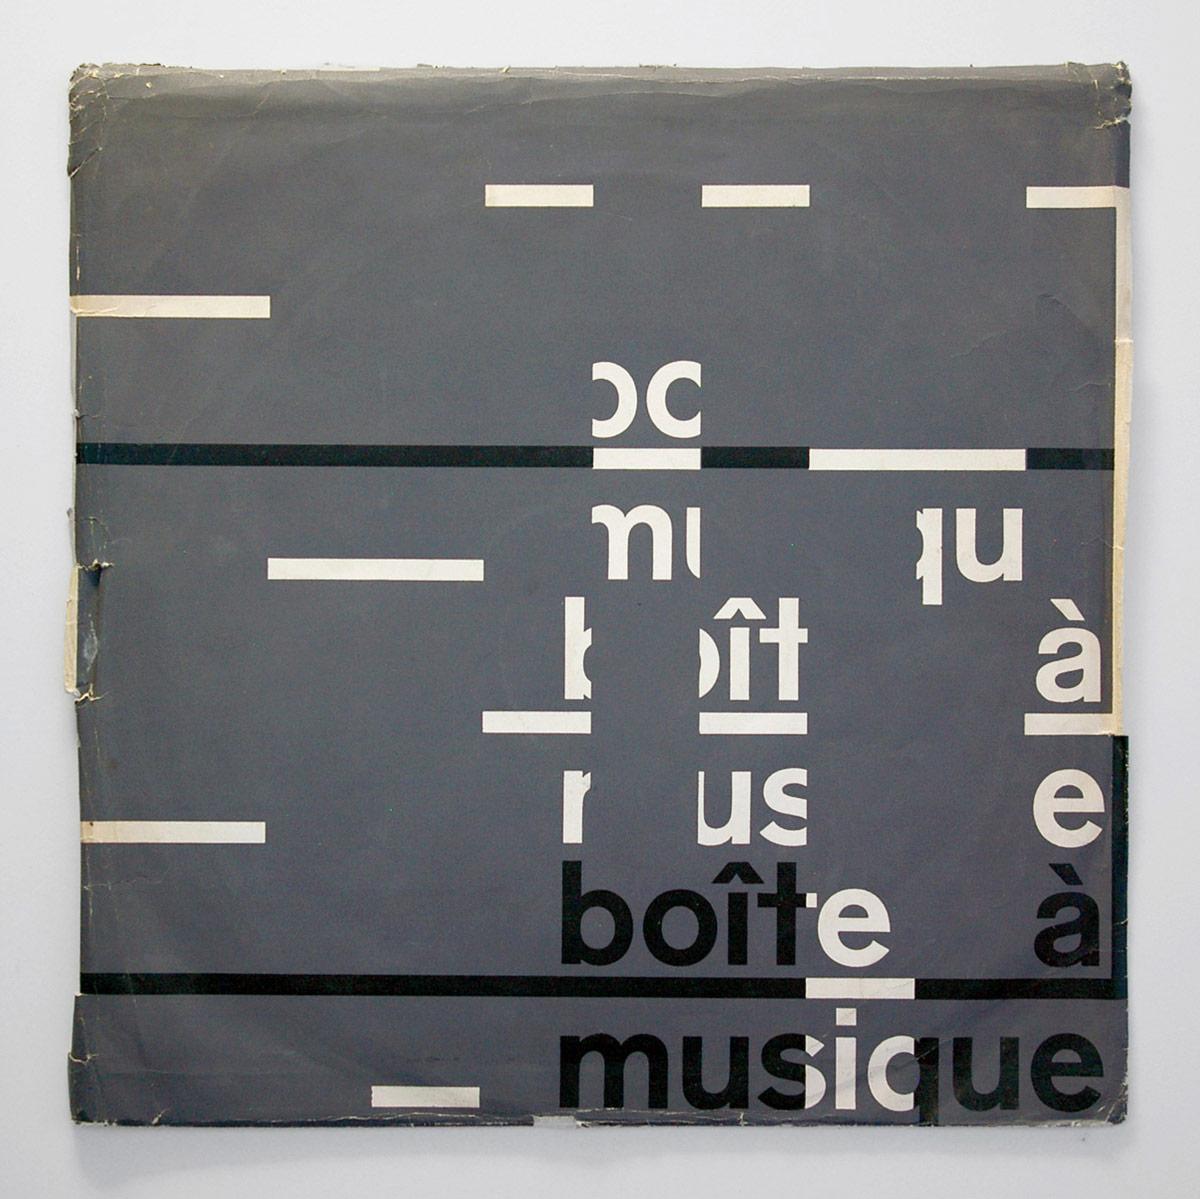 couverture de disque - boîte à musique